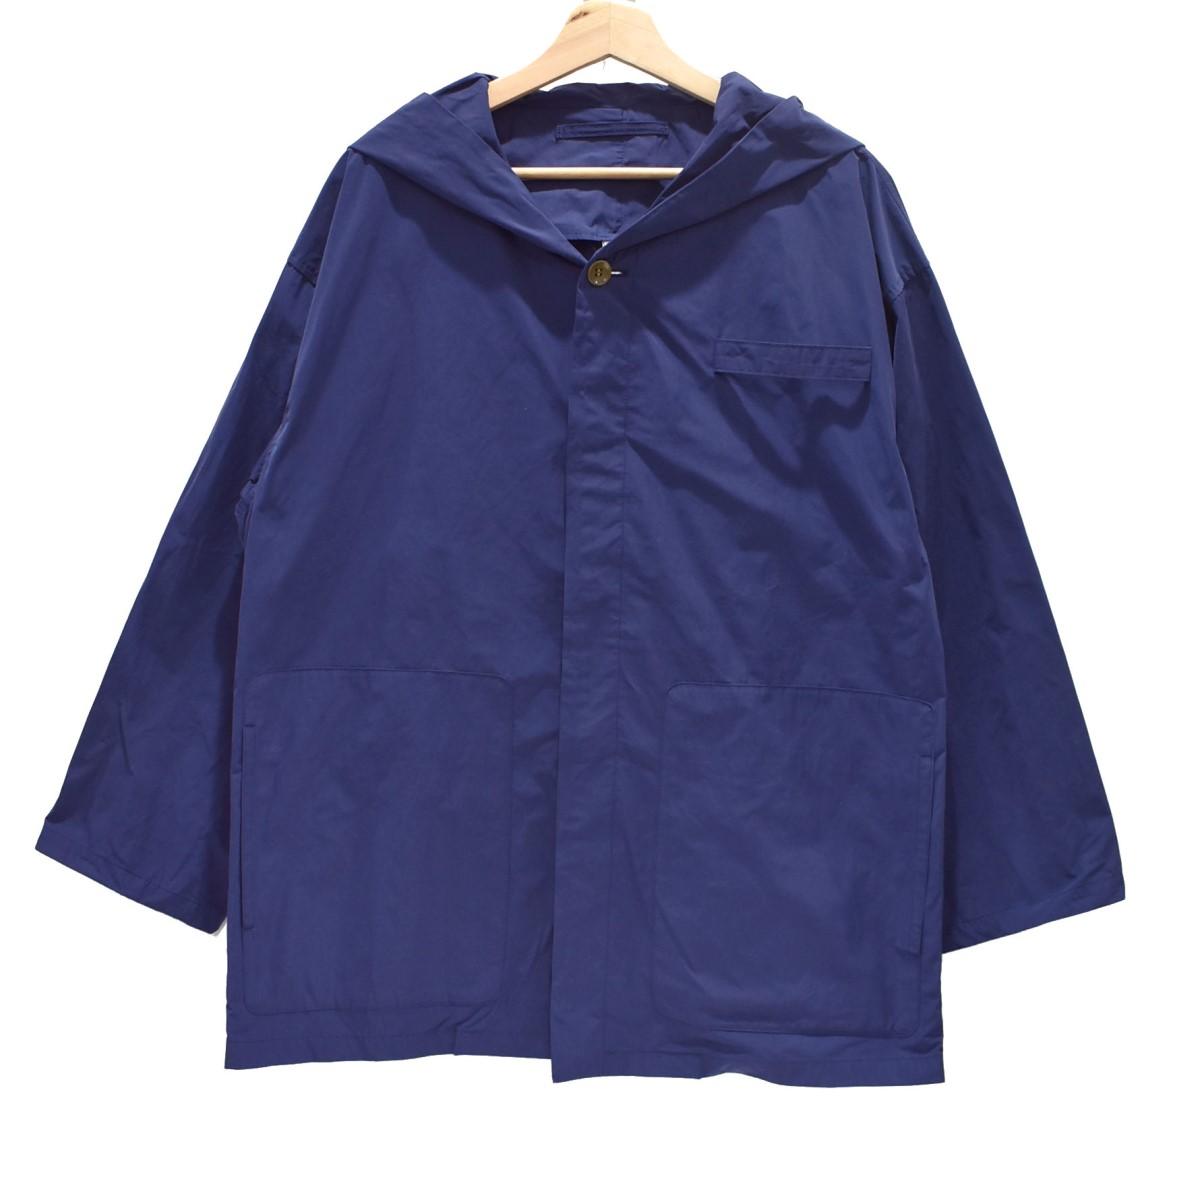 【中古】Edwina Horl フードジャケット ブルゾン ブルー サイズ:S 【280420】(エドウィナホール)